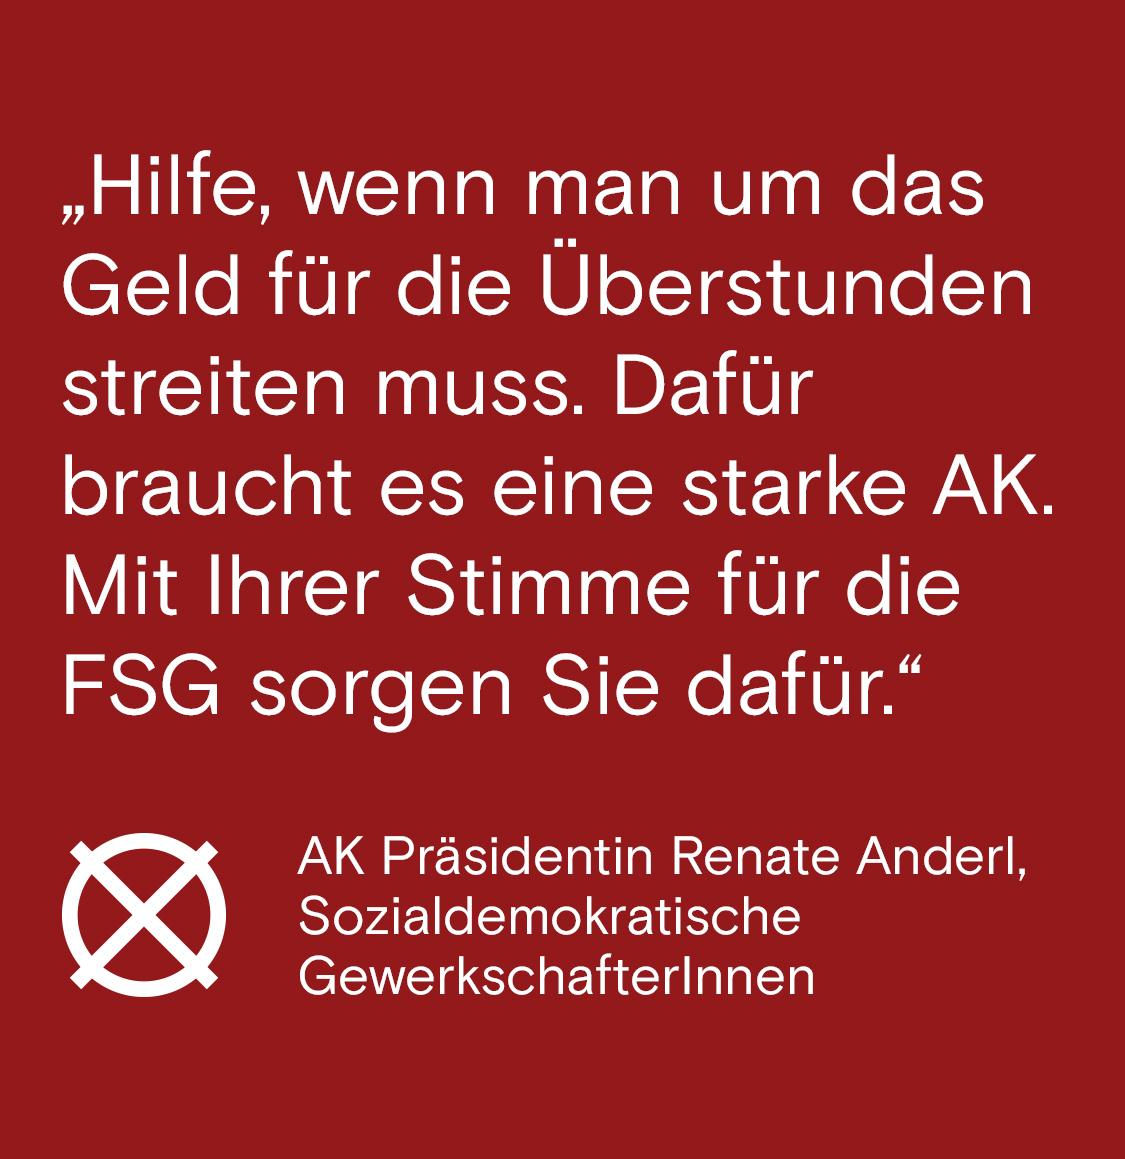 Hilfe, wenn man um das Geld für die Überstunden streiten muss. Dafür braucht es eine starke AK. Mit Ihrer Stimme für die FSG bei der AK Wien Wahl 2019 sorgen Sie dafür.